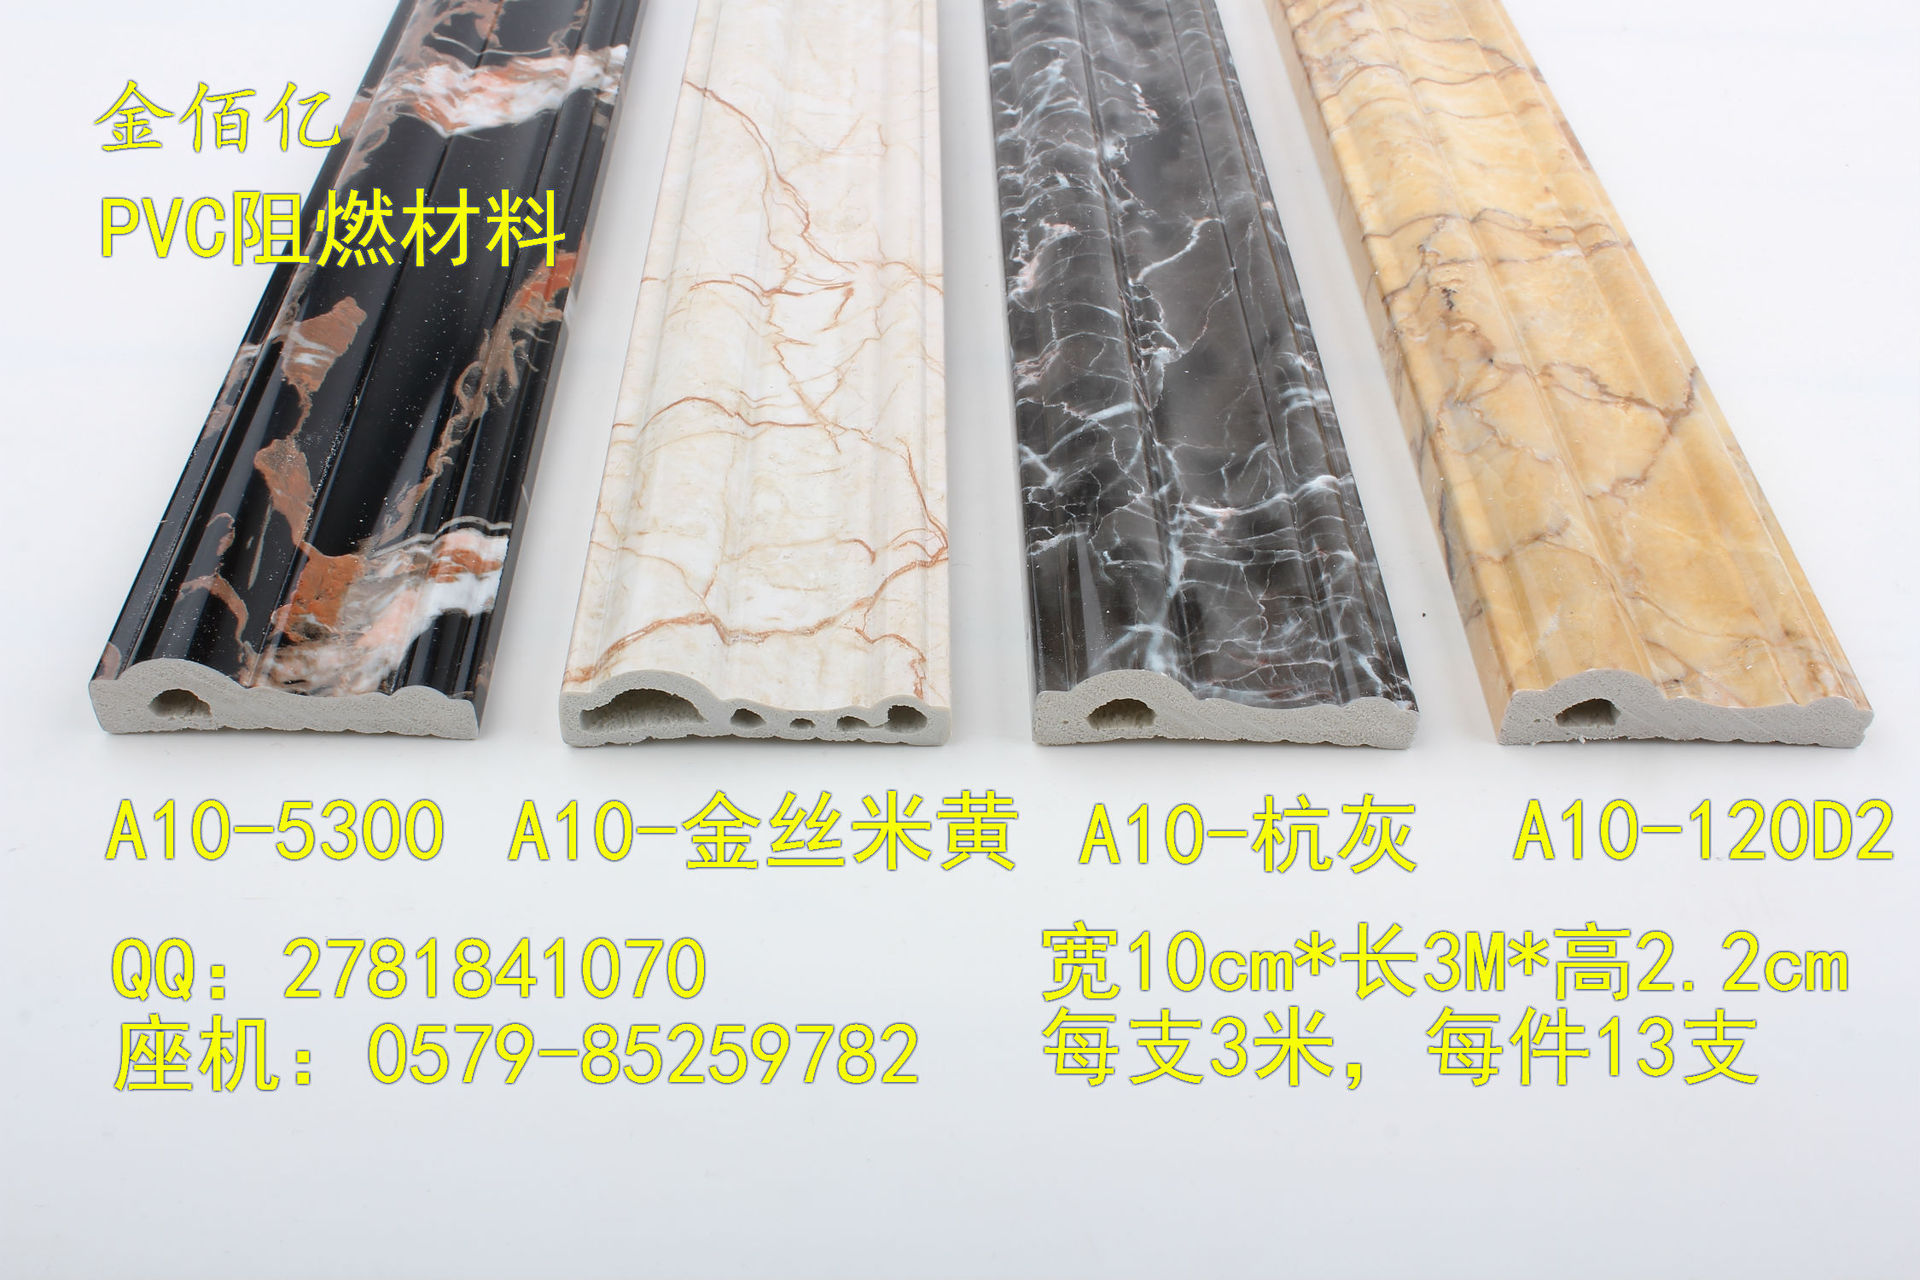 金佰亿PVC防火阻燃装饰线条材料仿大理石A10环保背景墙批发价格及生产厂家